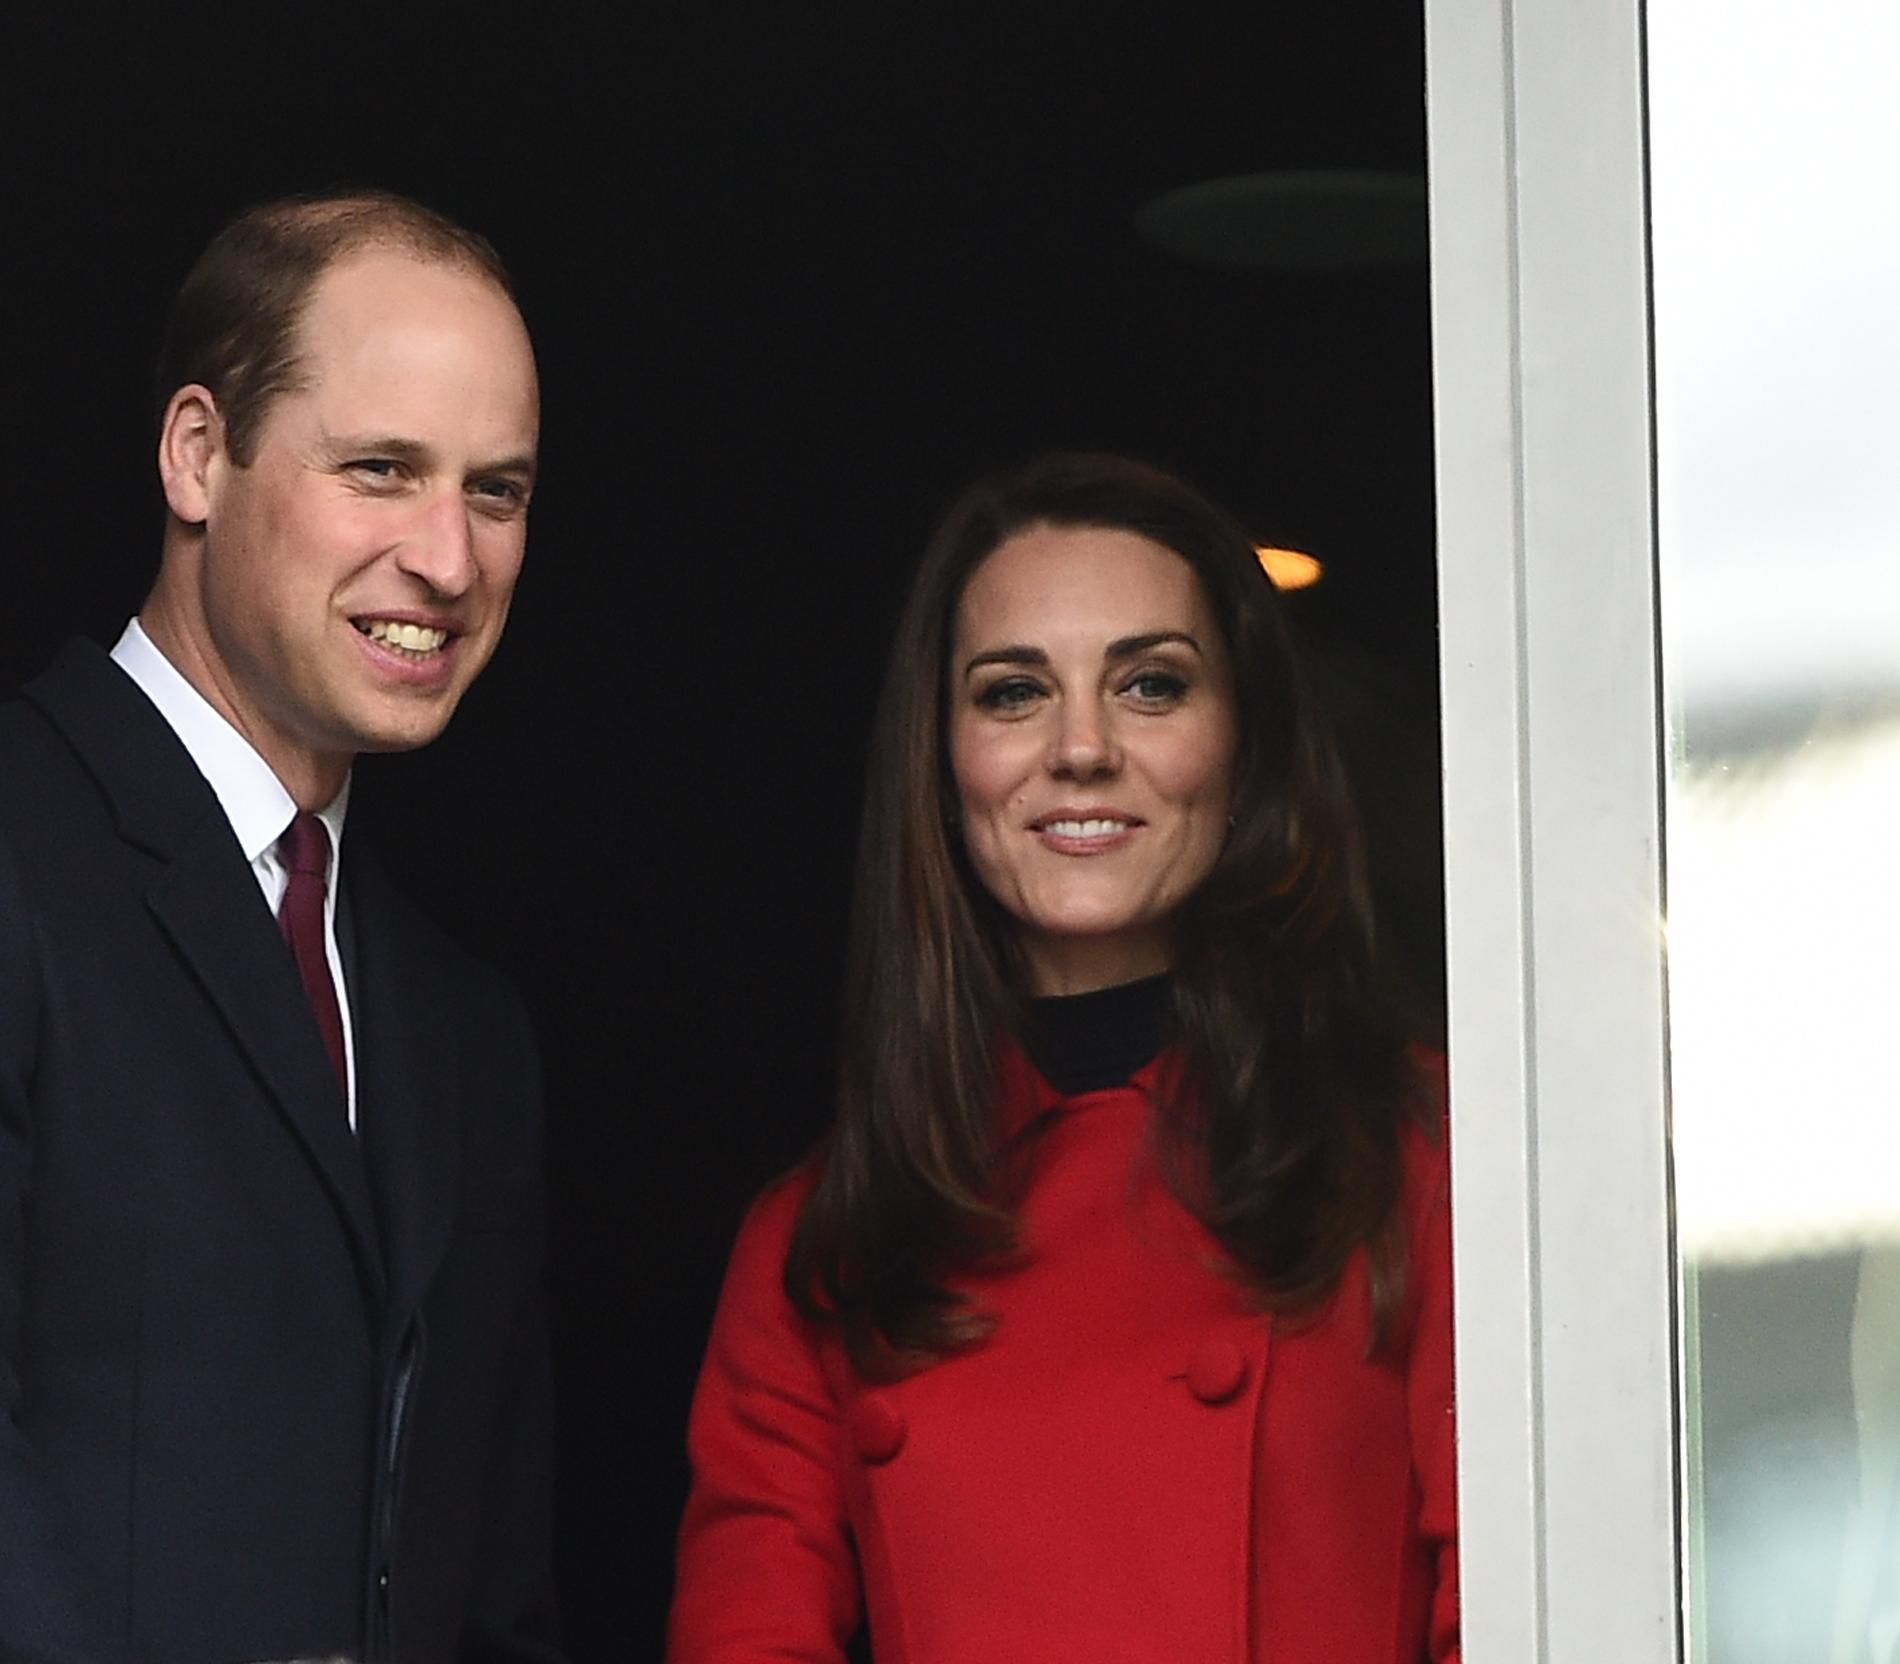 L'aide ménagère du prince William et Kate Middleton démissionne